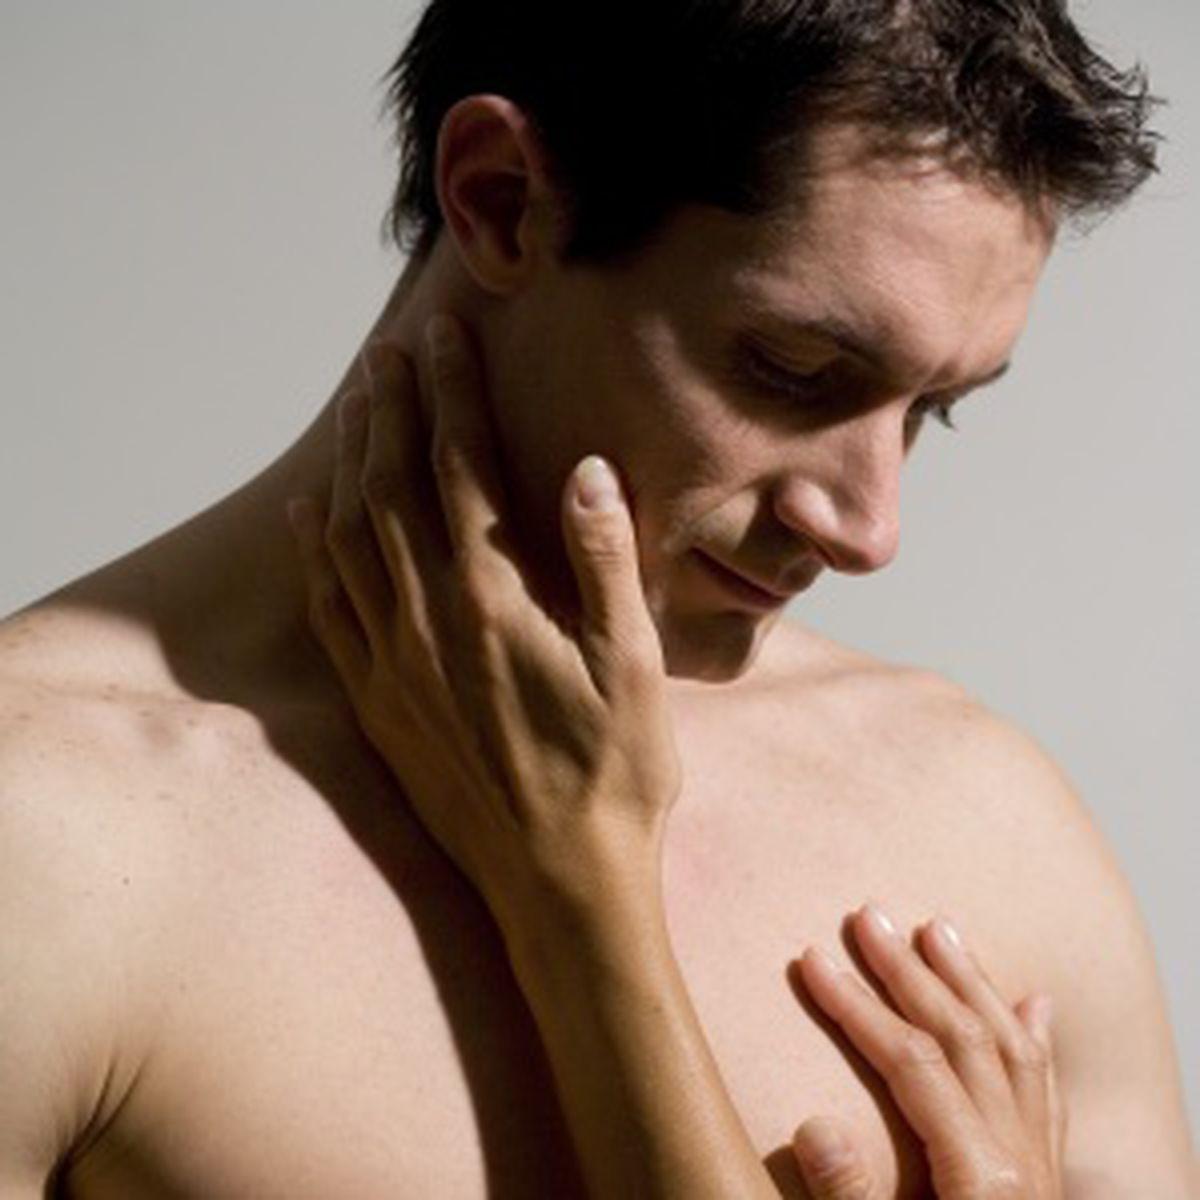 cauzele erecției incomplete la bărbați